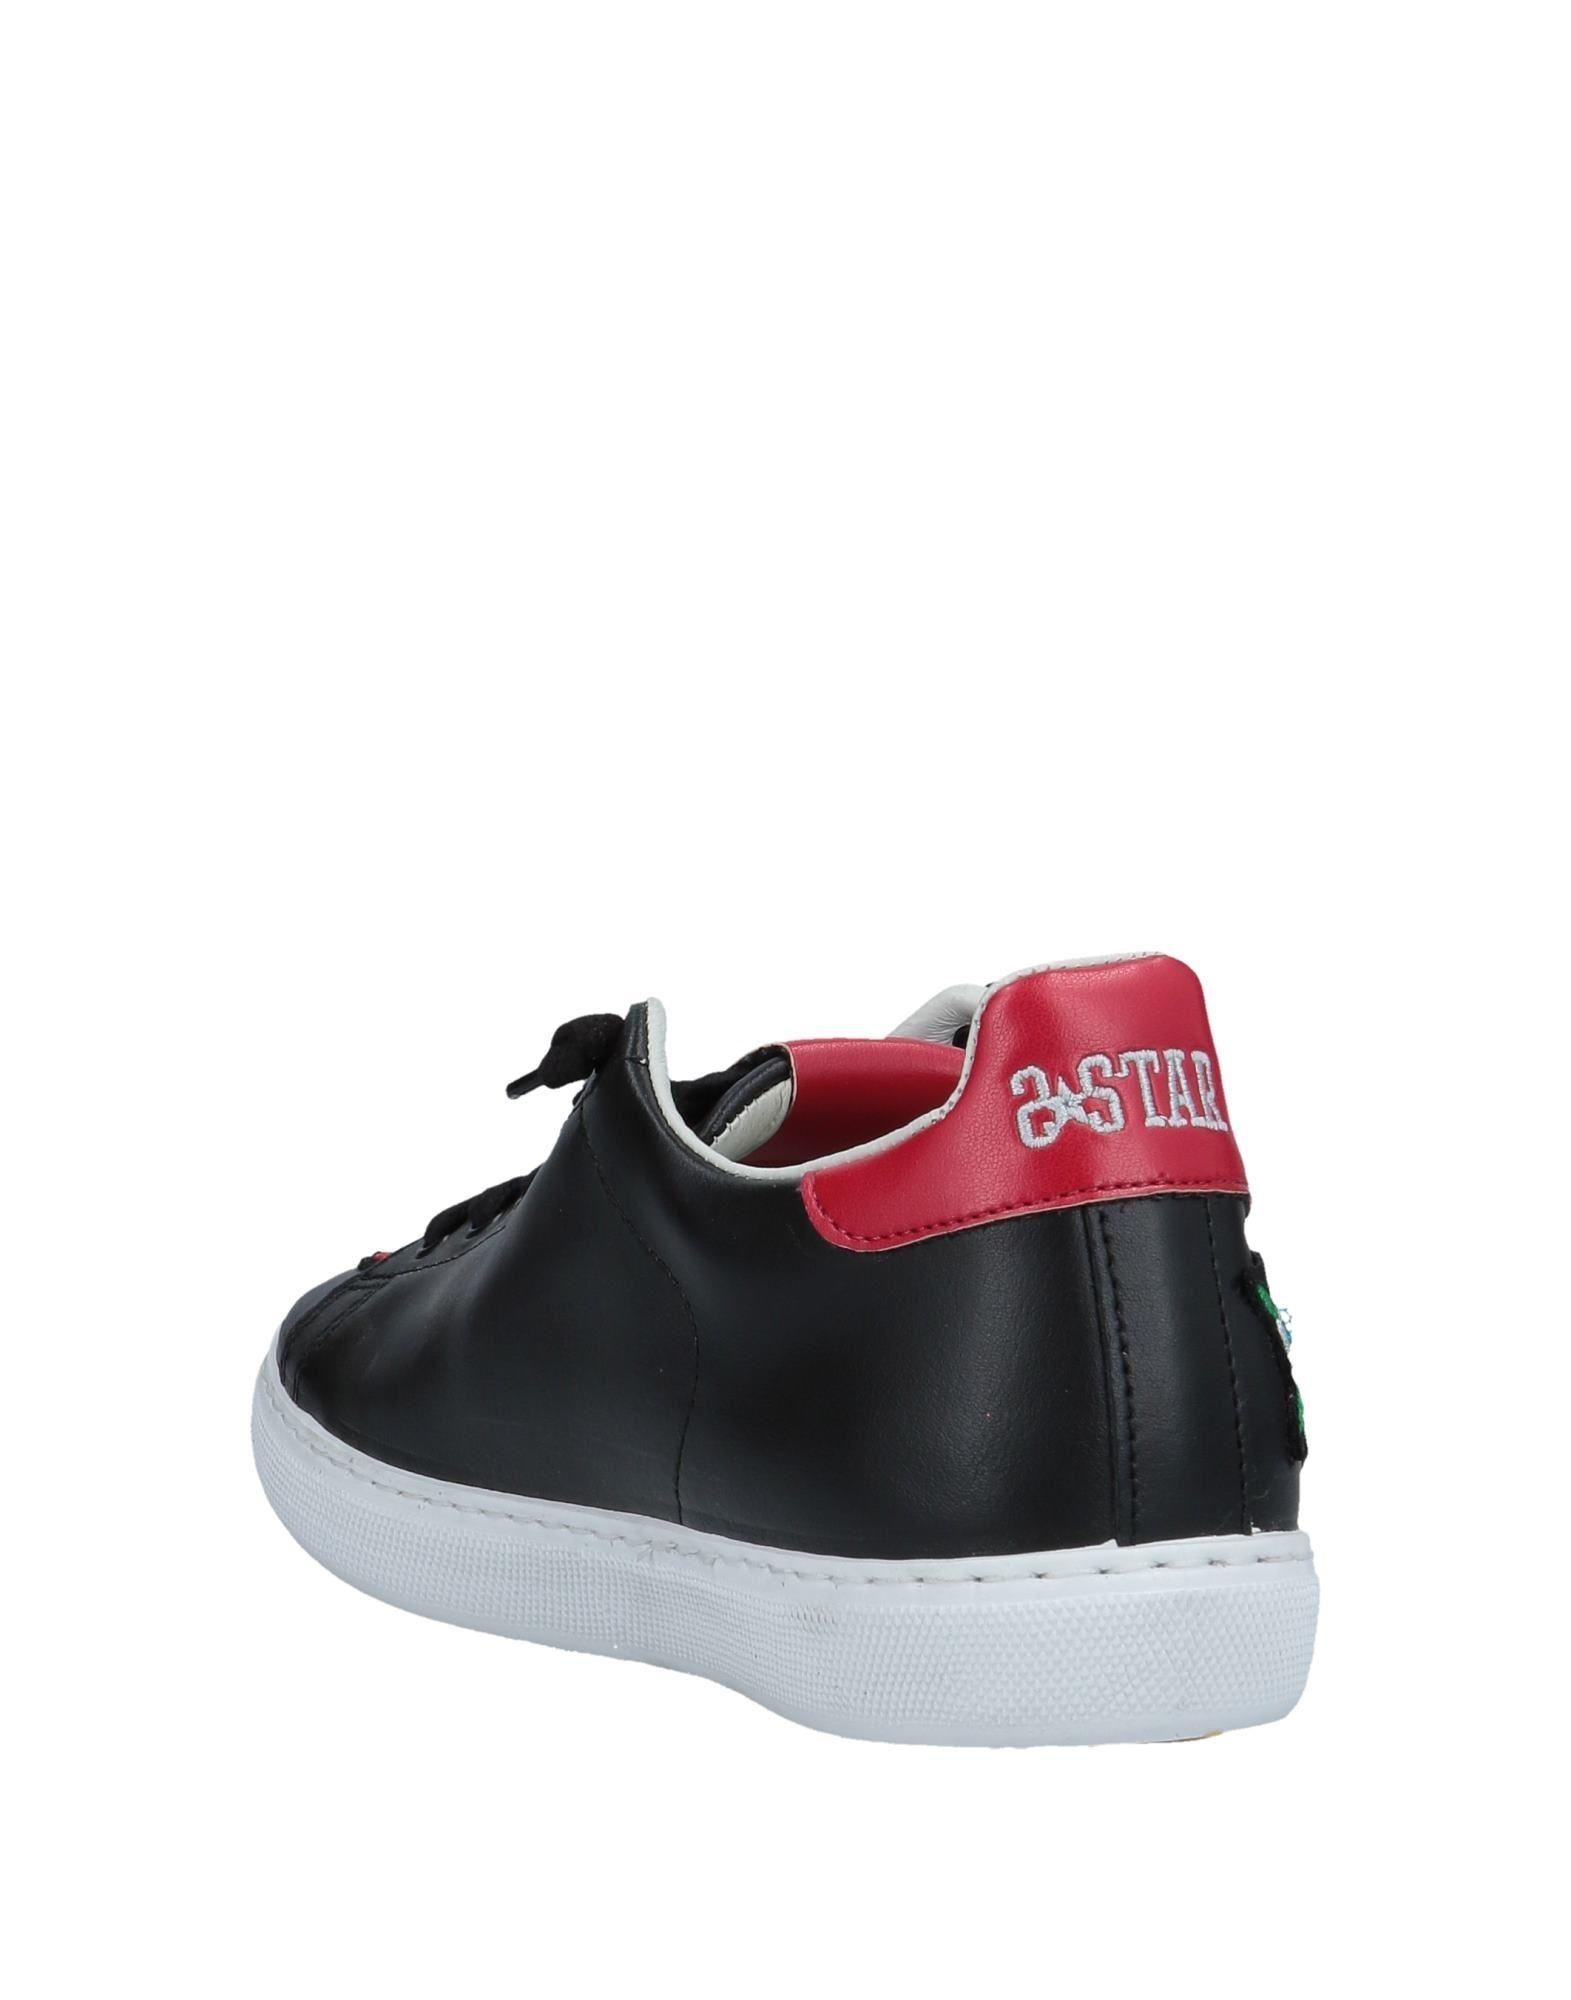 2Star Sneakers Damen  11554052UH 11554052UH 11554052UH Gute Qualität beliebte Schuhe e330d1